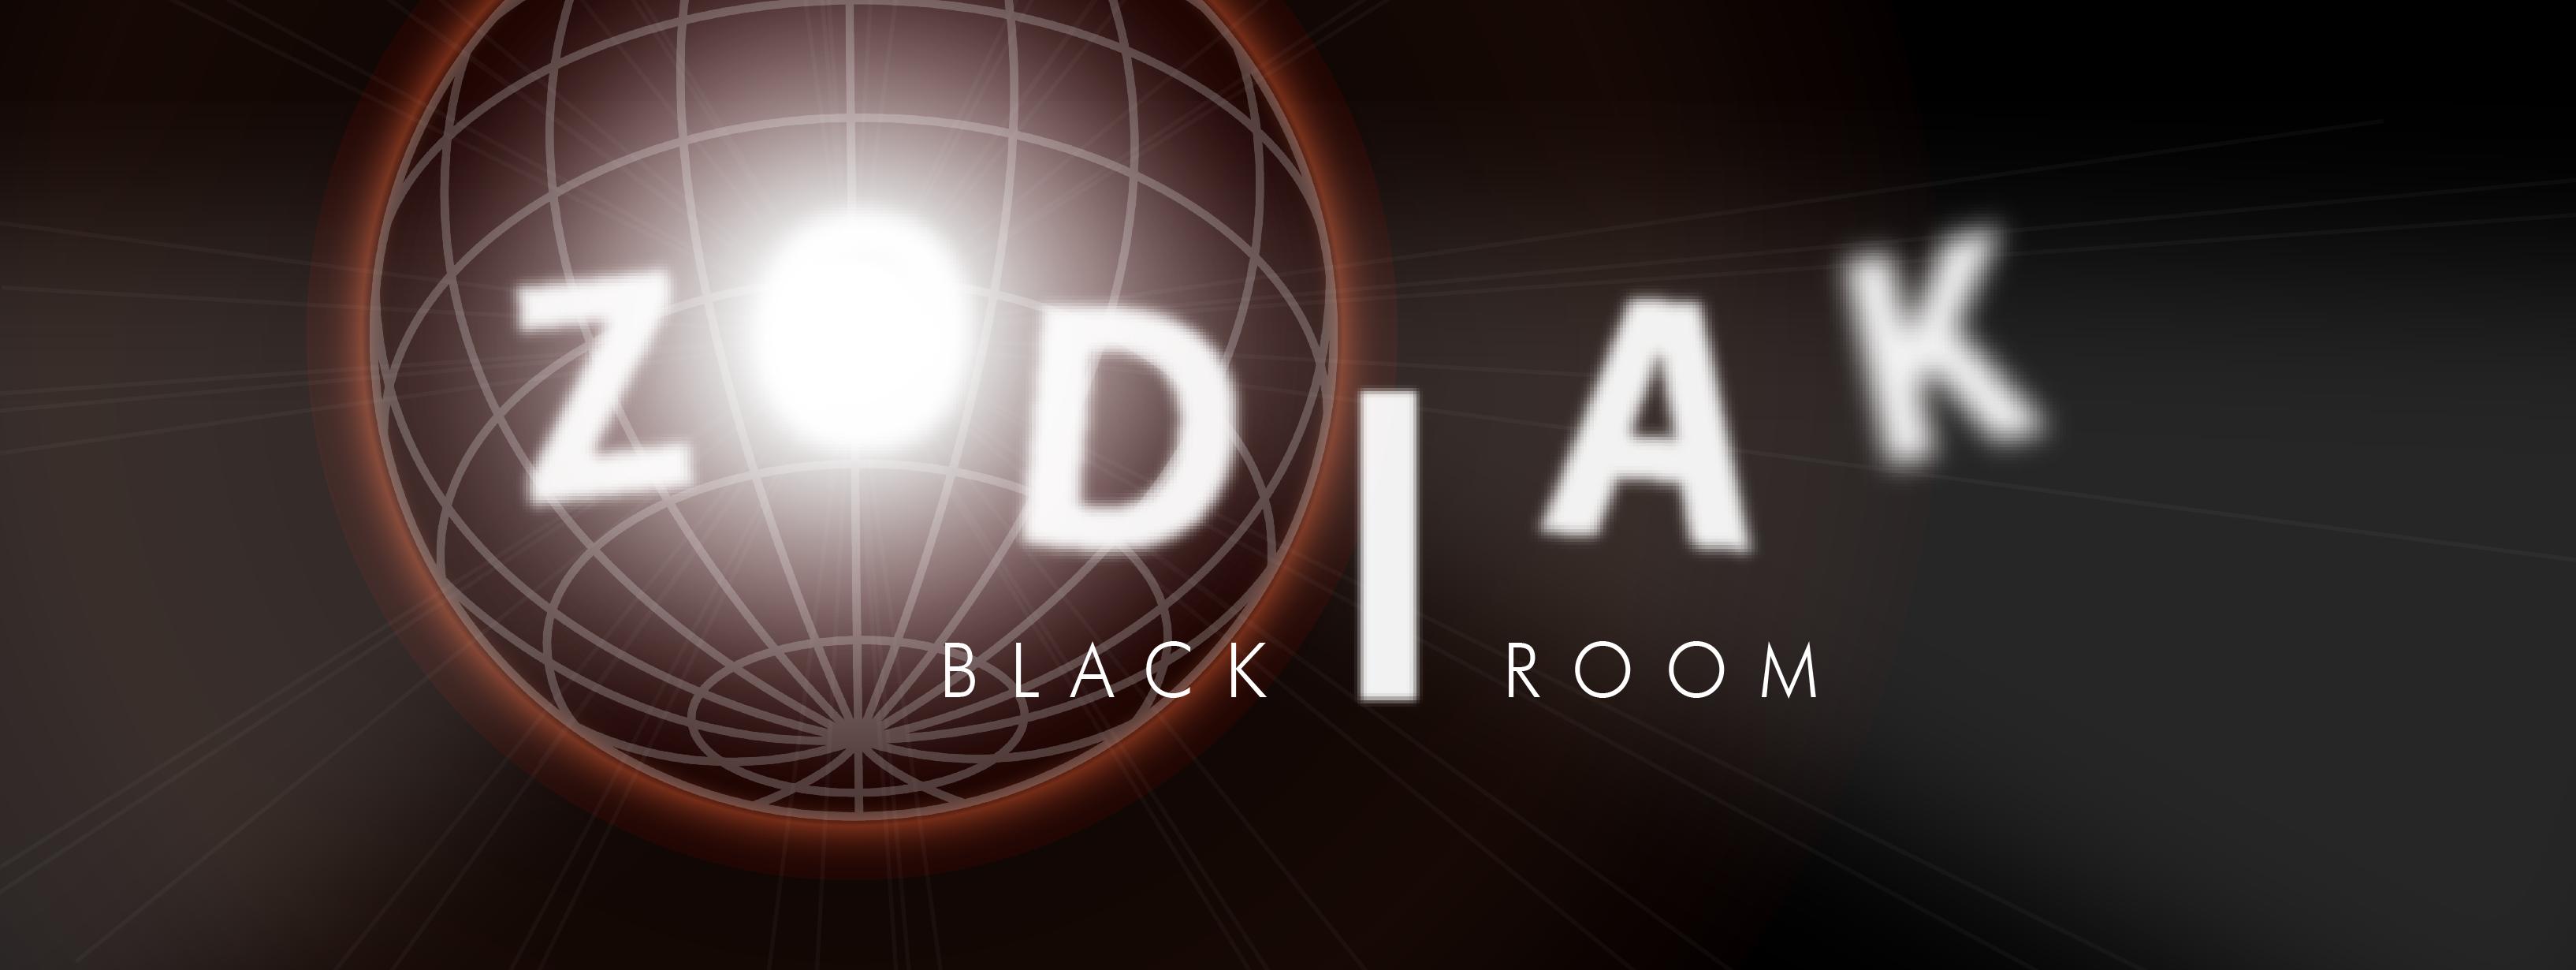 Zodiak _ Black Room